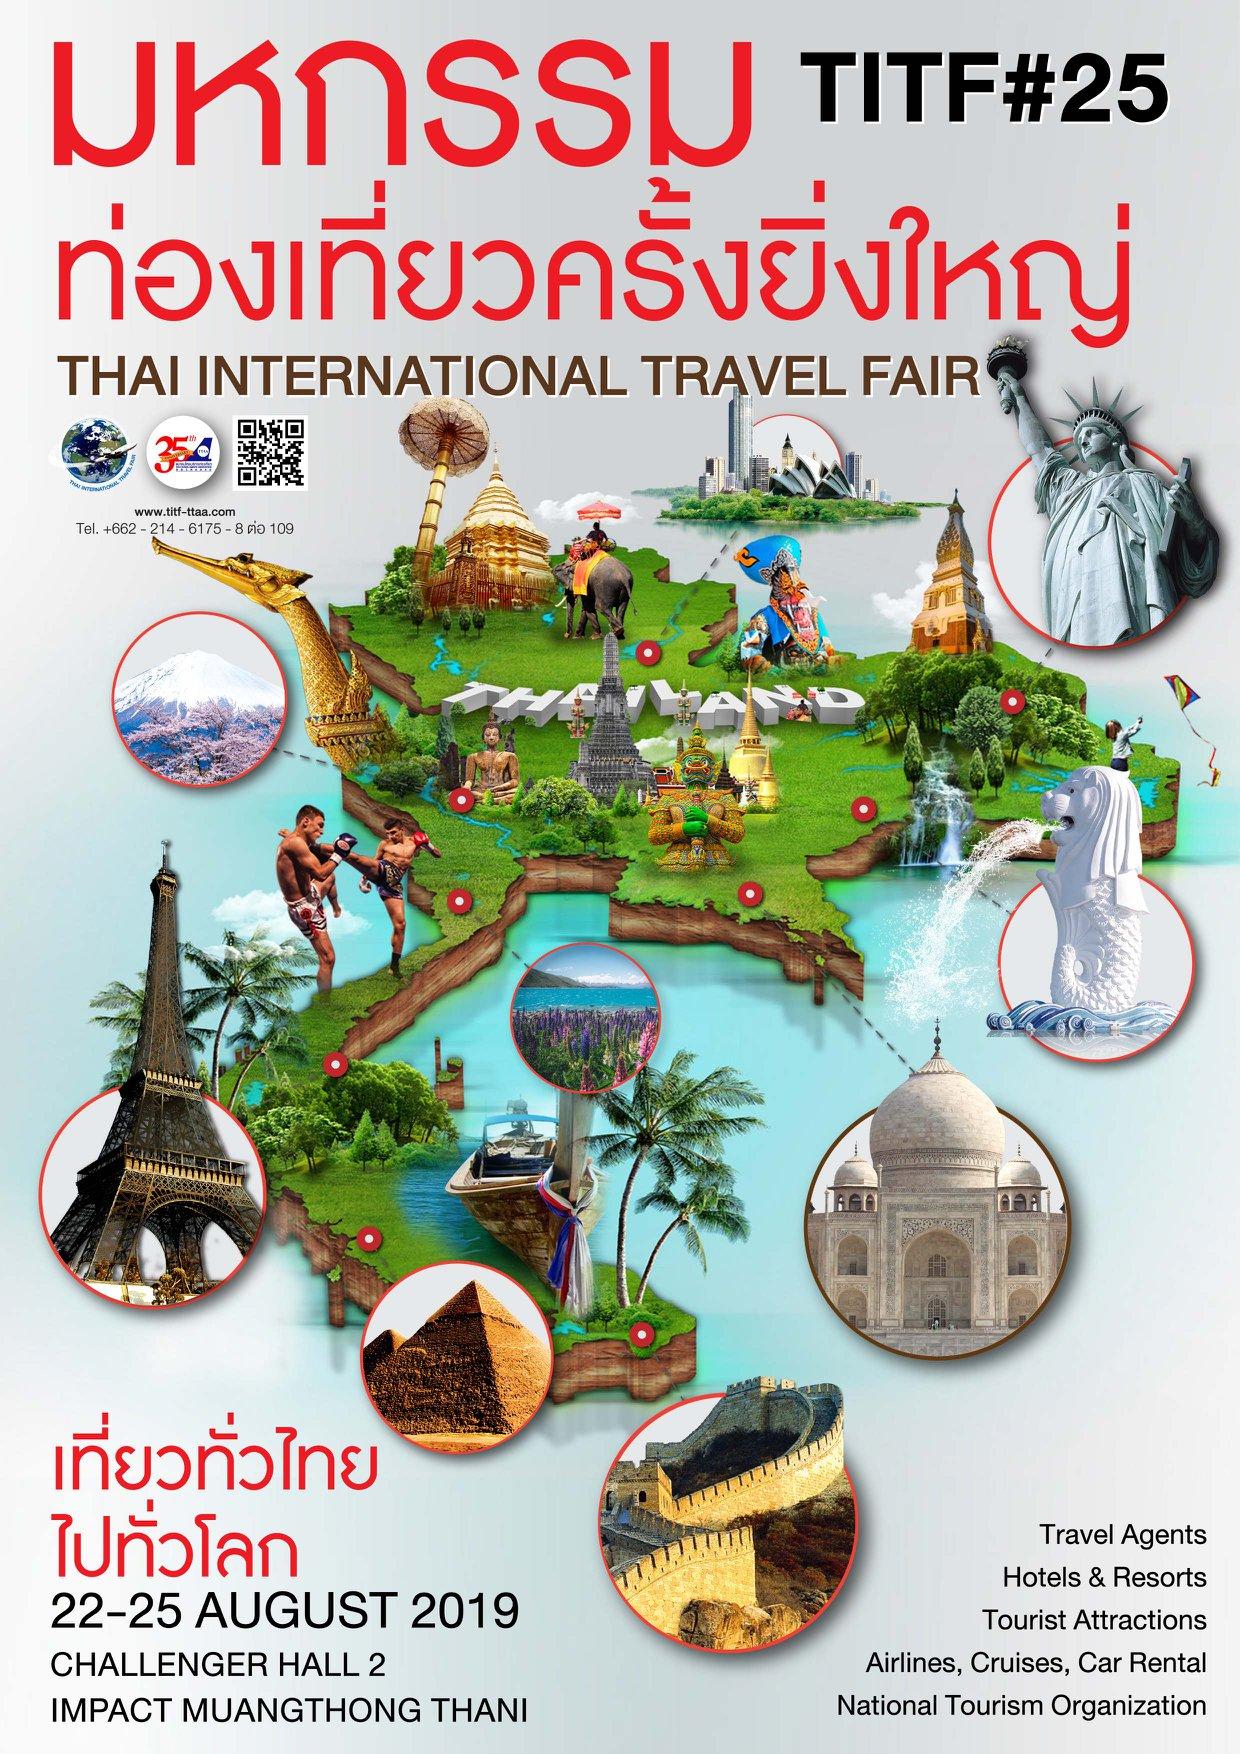 งานเที่ยวทั่วไทย ไปทั่วโลก (TITF)22-25 สิงหาคม 2562 ณอาคารชาเลนเจอร์ 2 อิมแพค เมืองทองธานี